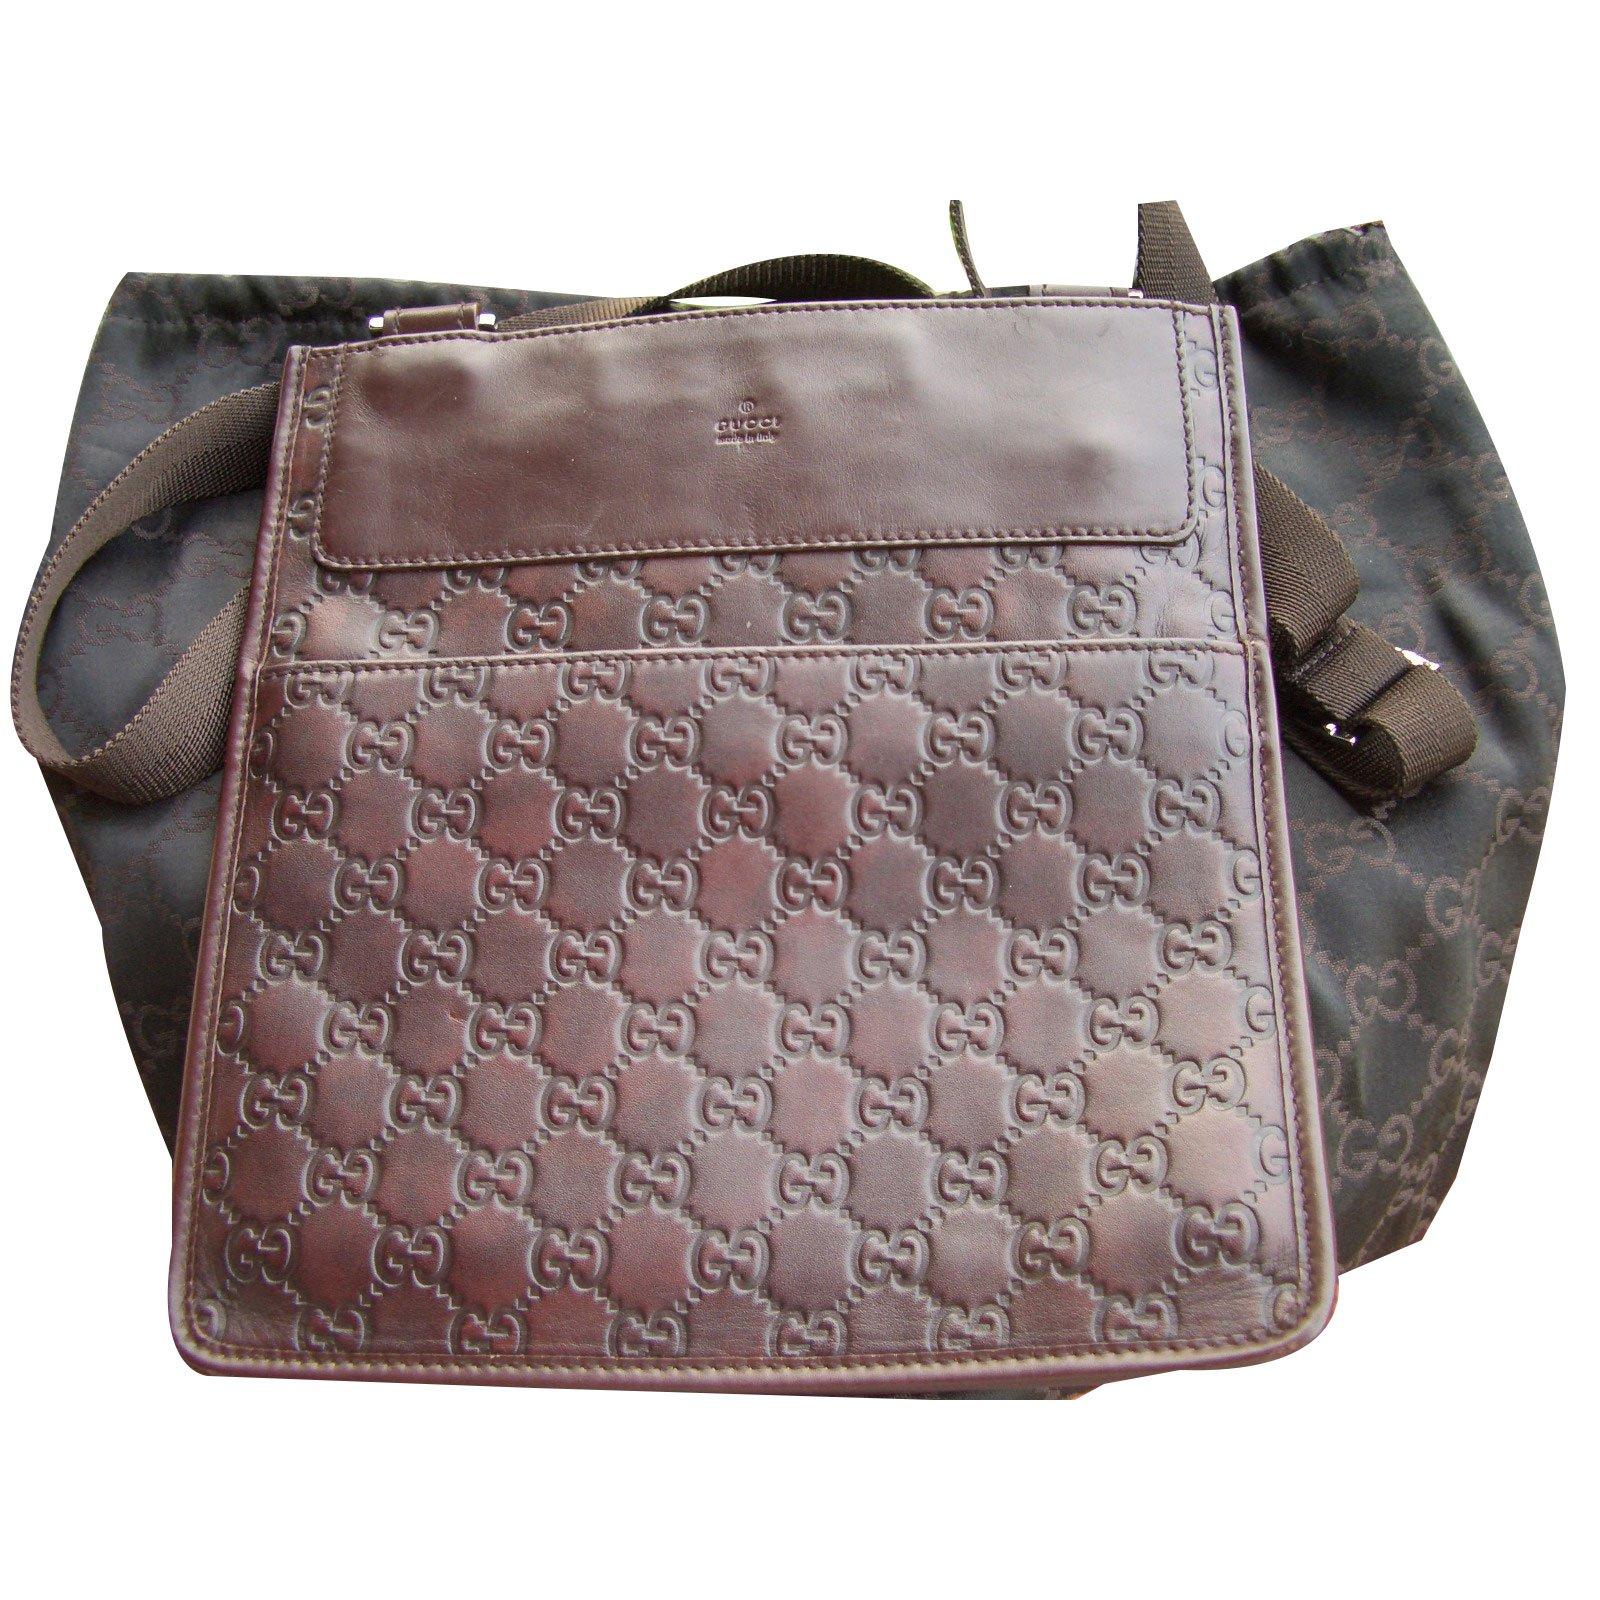 Gucci Crossbody Bag Clutch Bags Leather Dark Brown Ref 49694